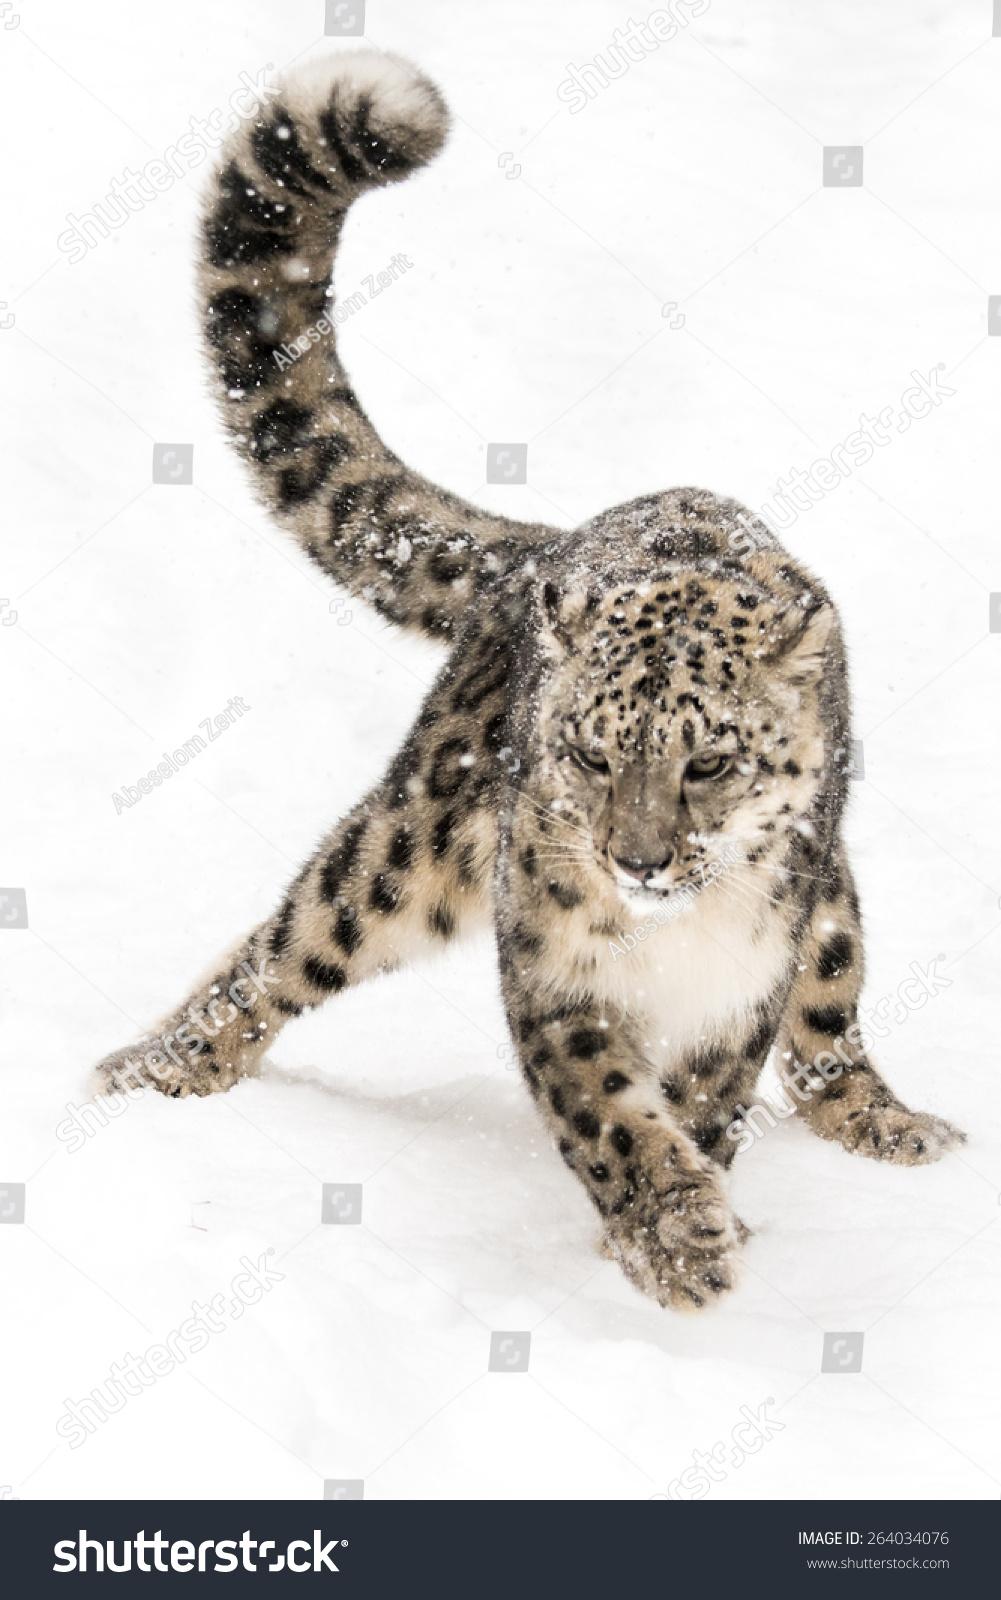 雪豹在雪中潜行-动物/野生生物,自然-海洛创意()-中国